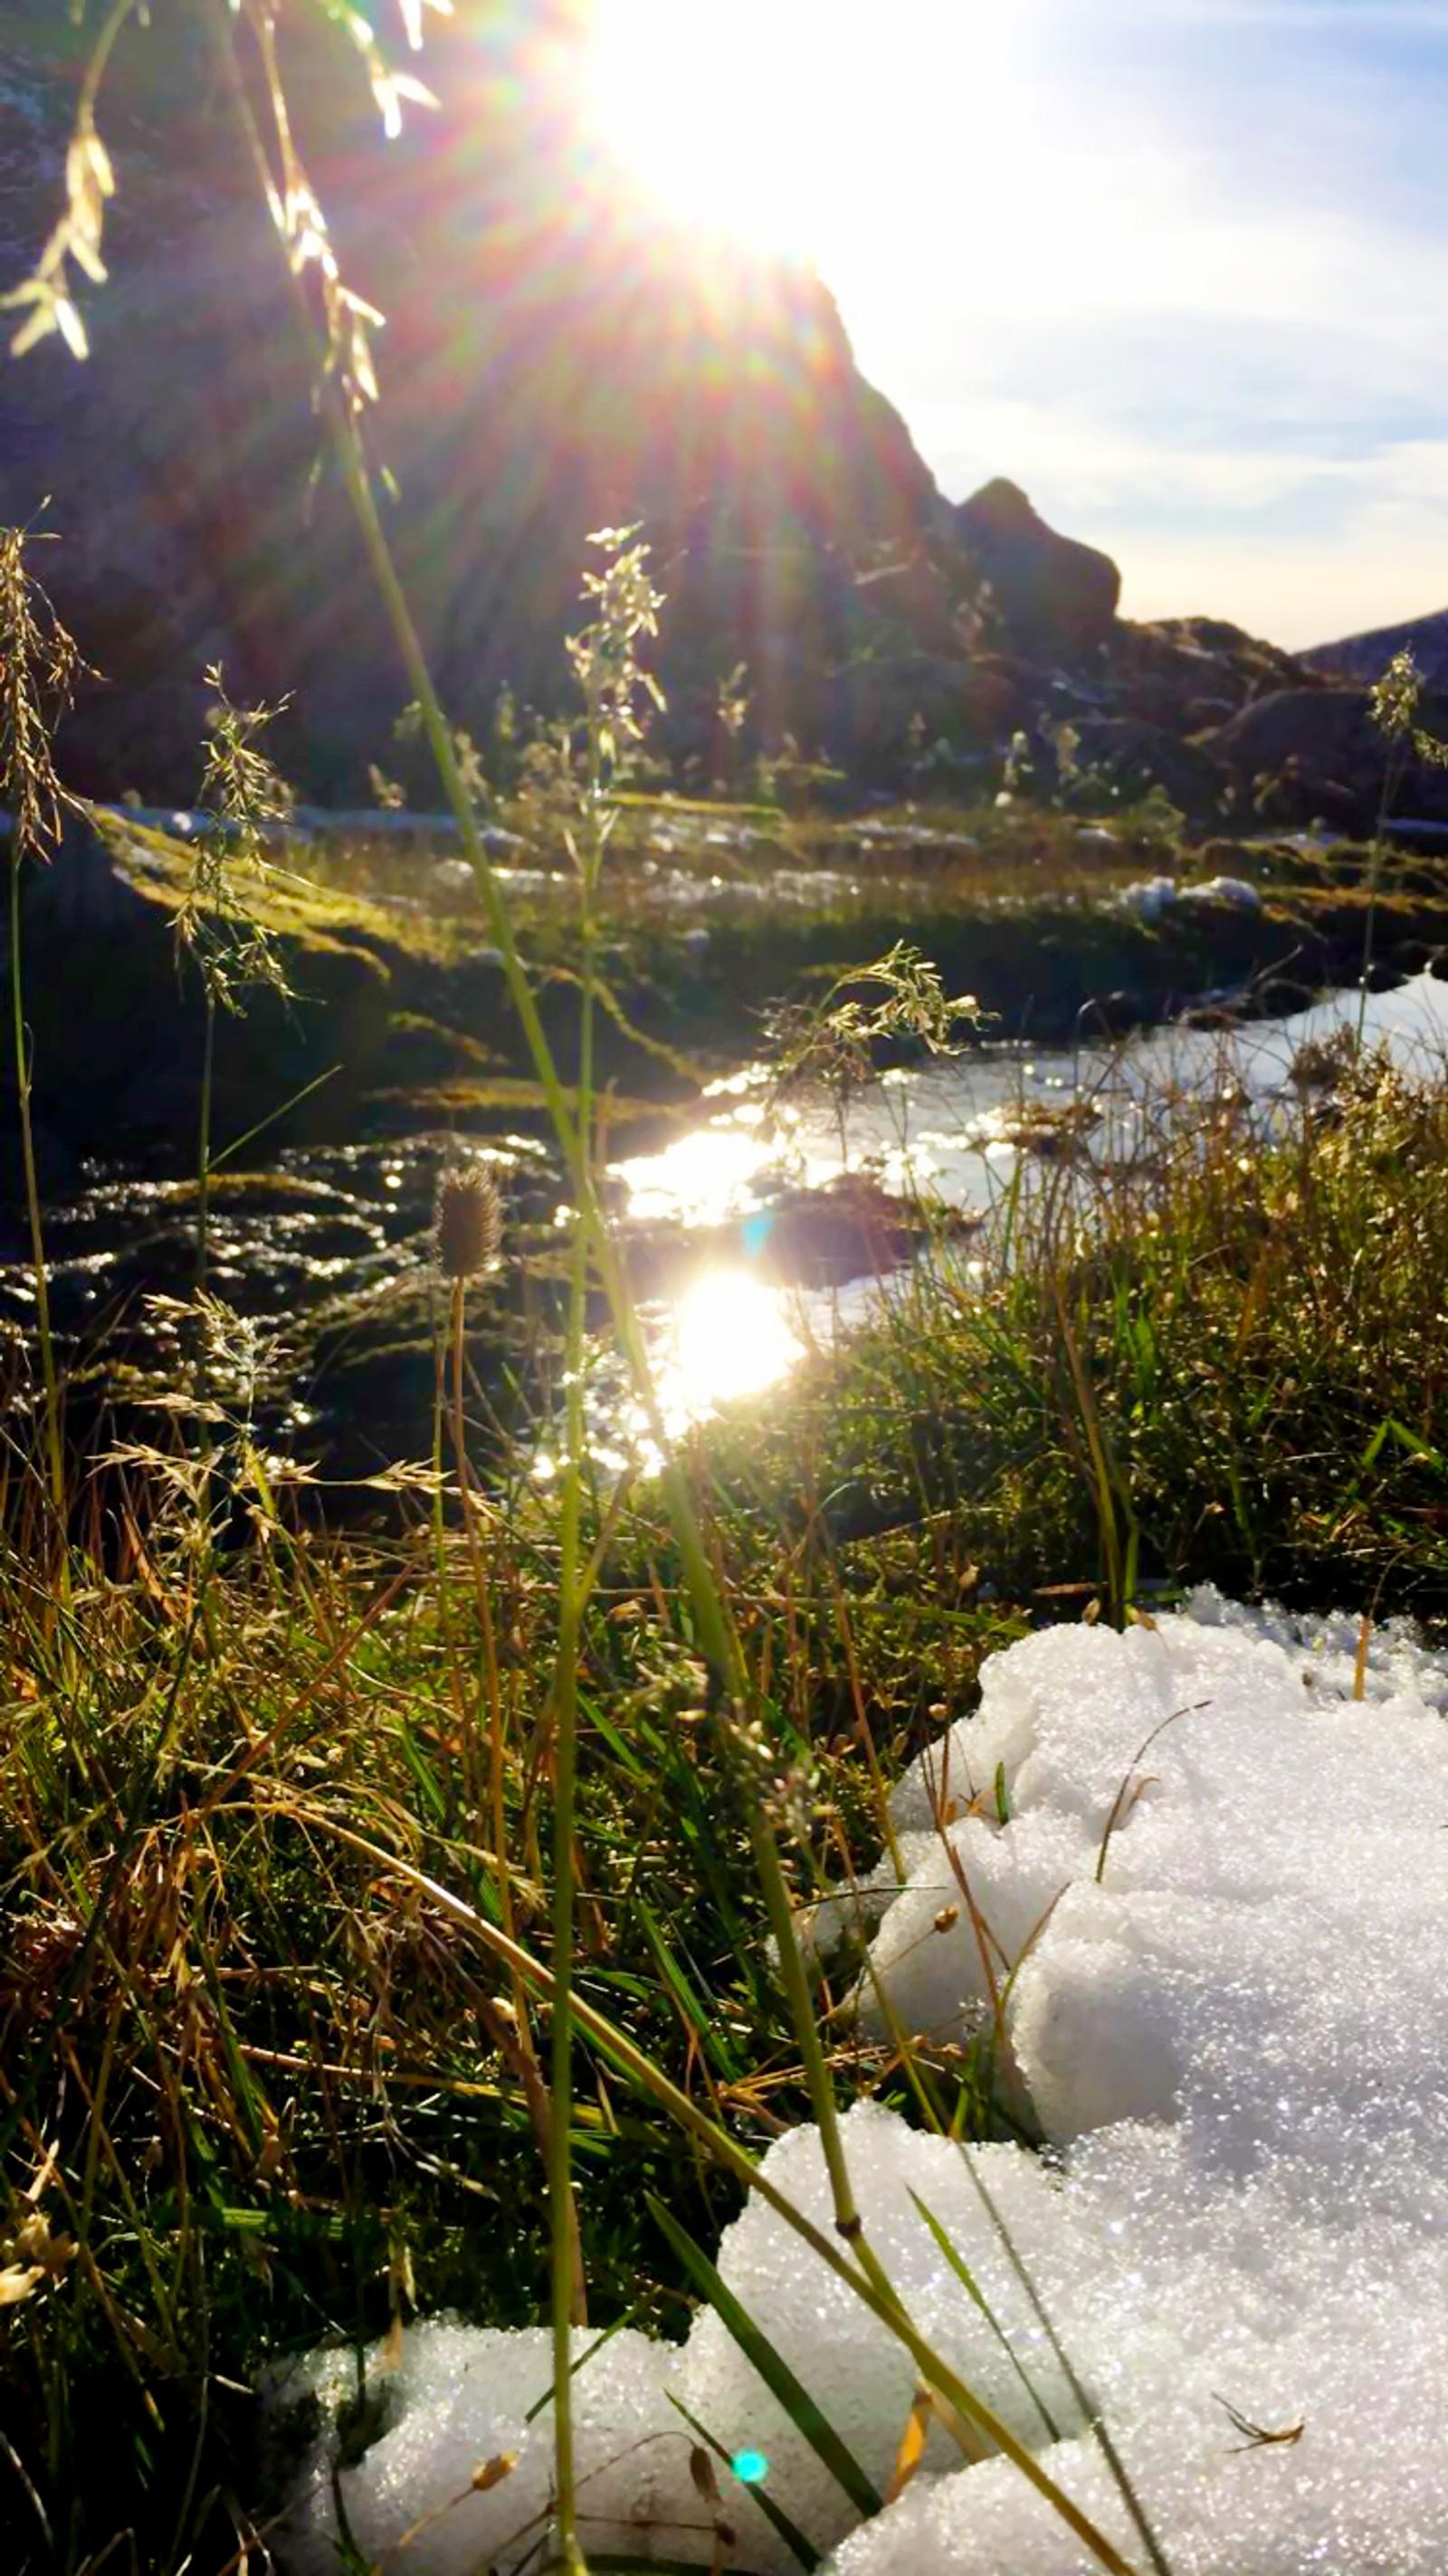 Strå i både sol og snø, Sollibotn i Jølster.